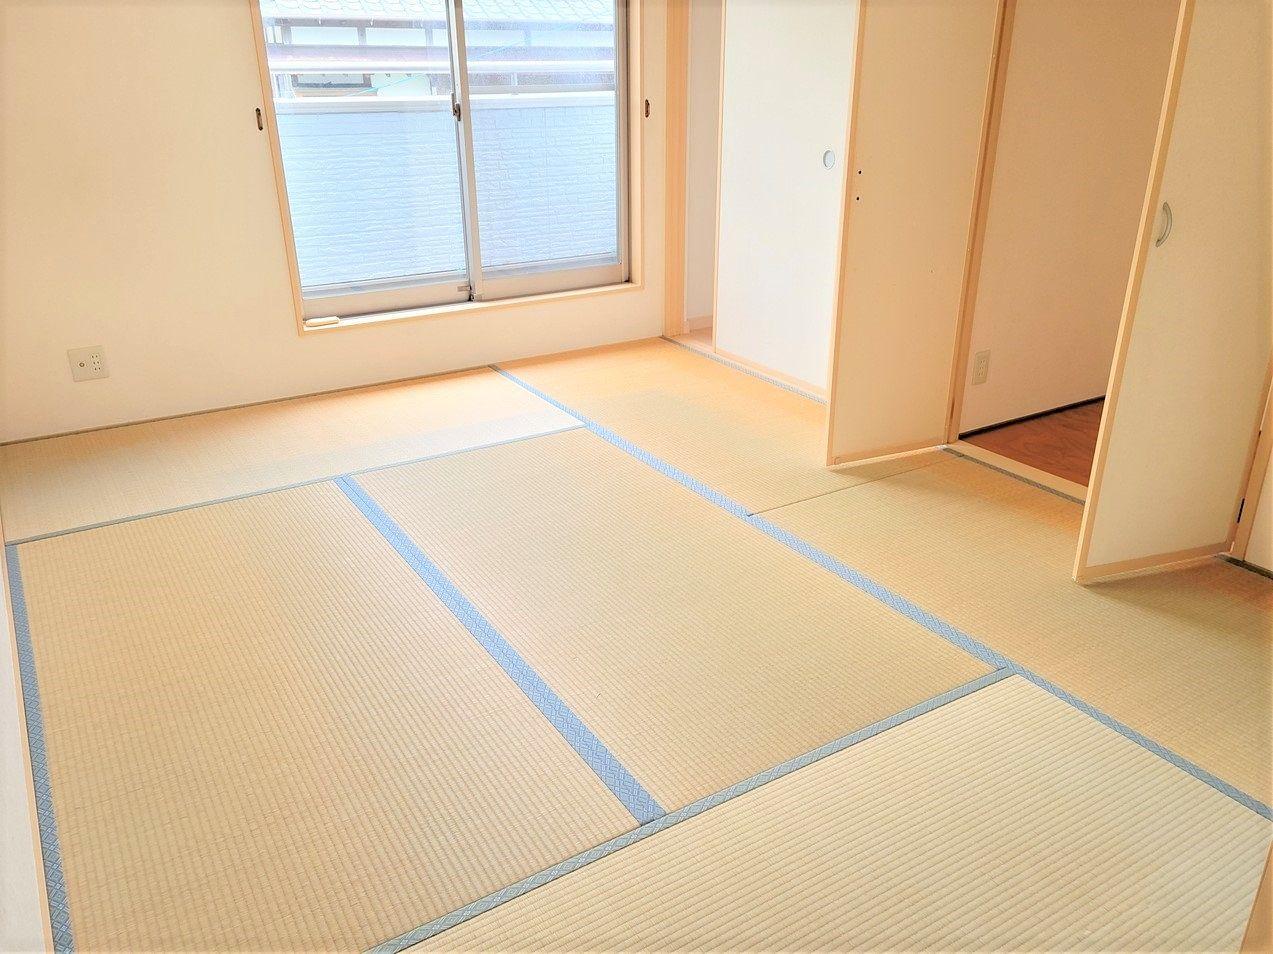 2階の和室です。6帖の広さがあります。畳もキレイです。